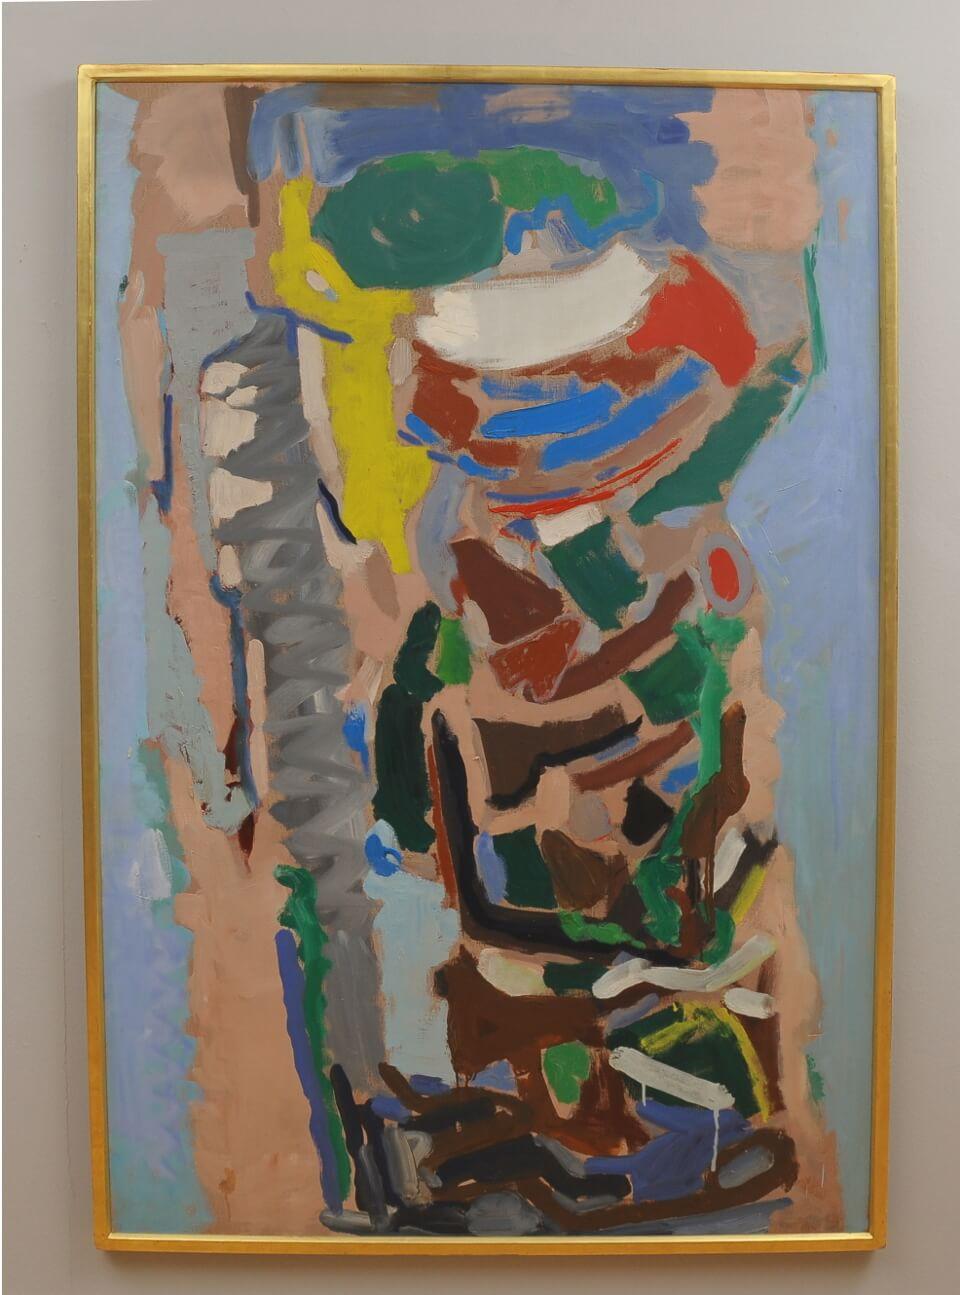 Galerie RIECK - Egon Mathiesen, Komposition_mit Rahmen